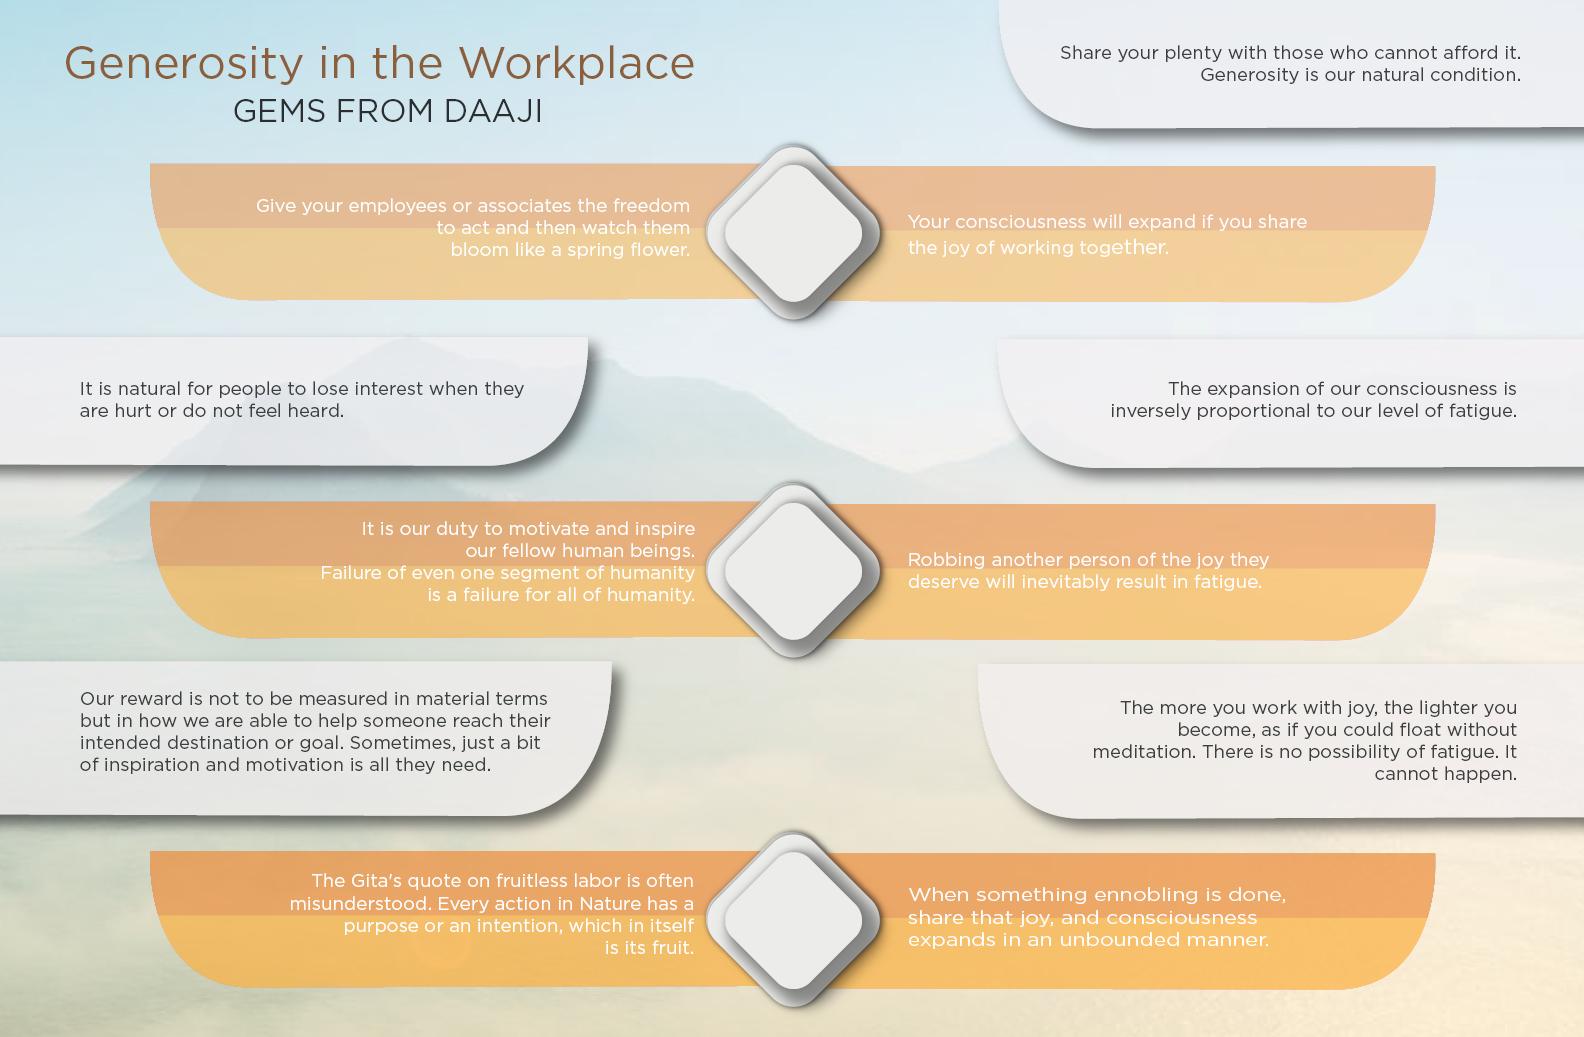 Generosity in the workplace